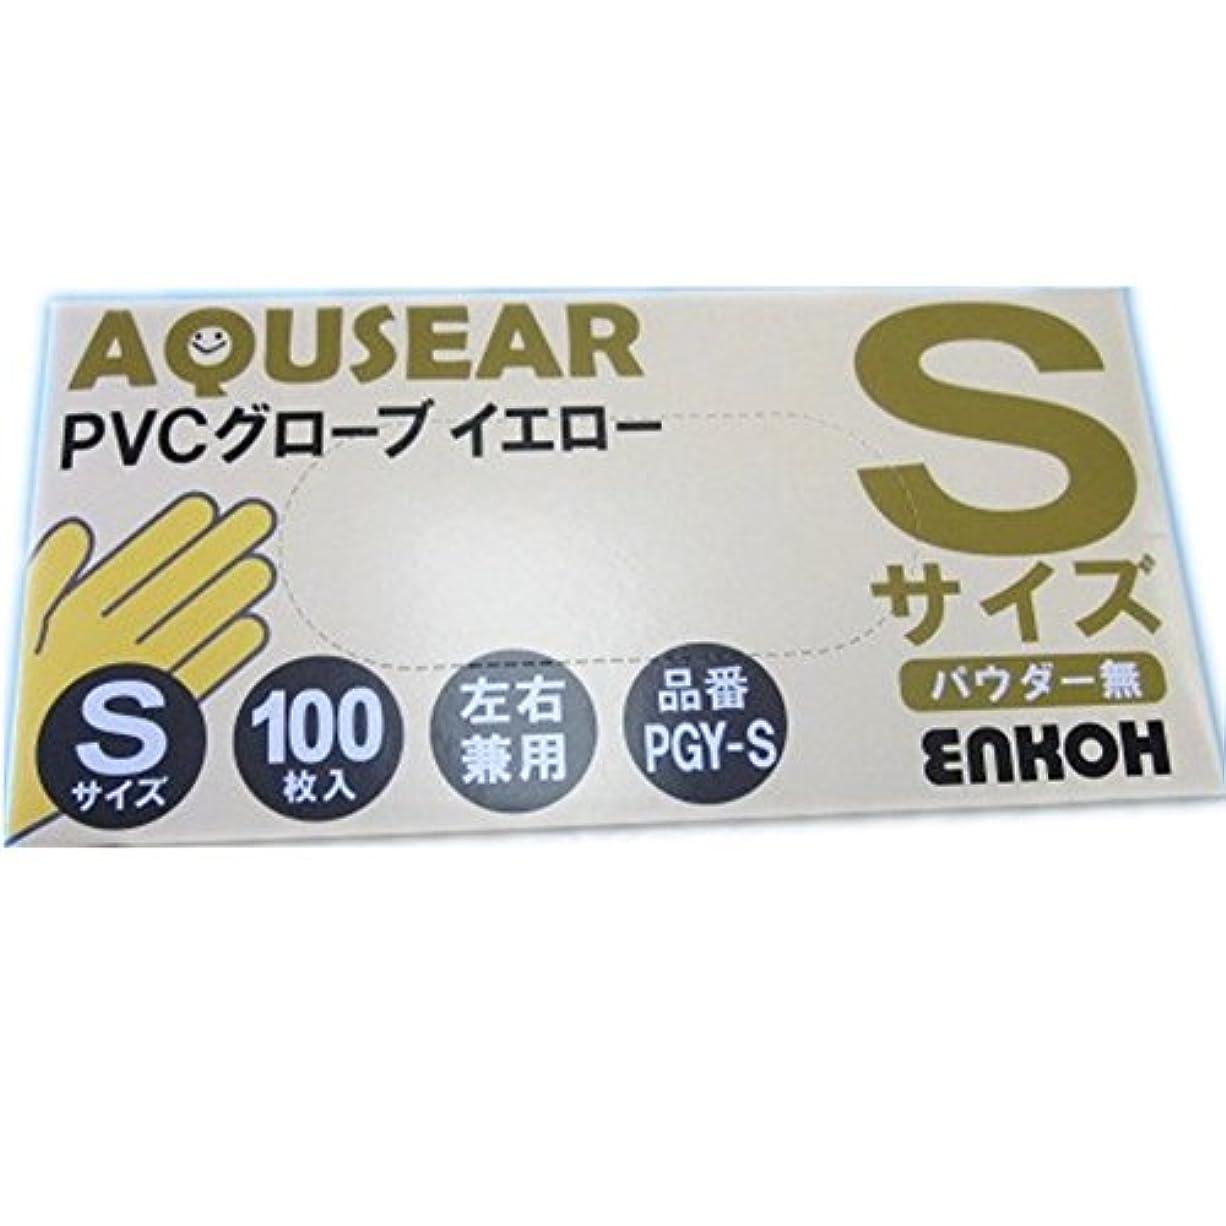 相手狐アトラスAQUSEAR PVC プラスチックグローブ イエロー 弾性 Sサイズ パウダー無 PGY-S 100枚×20箱